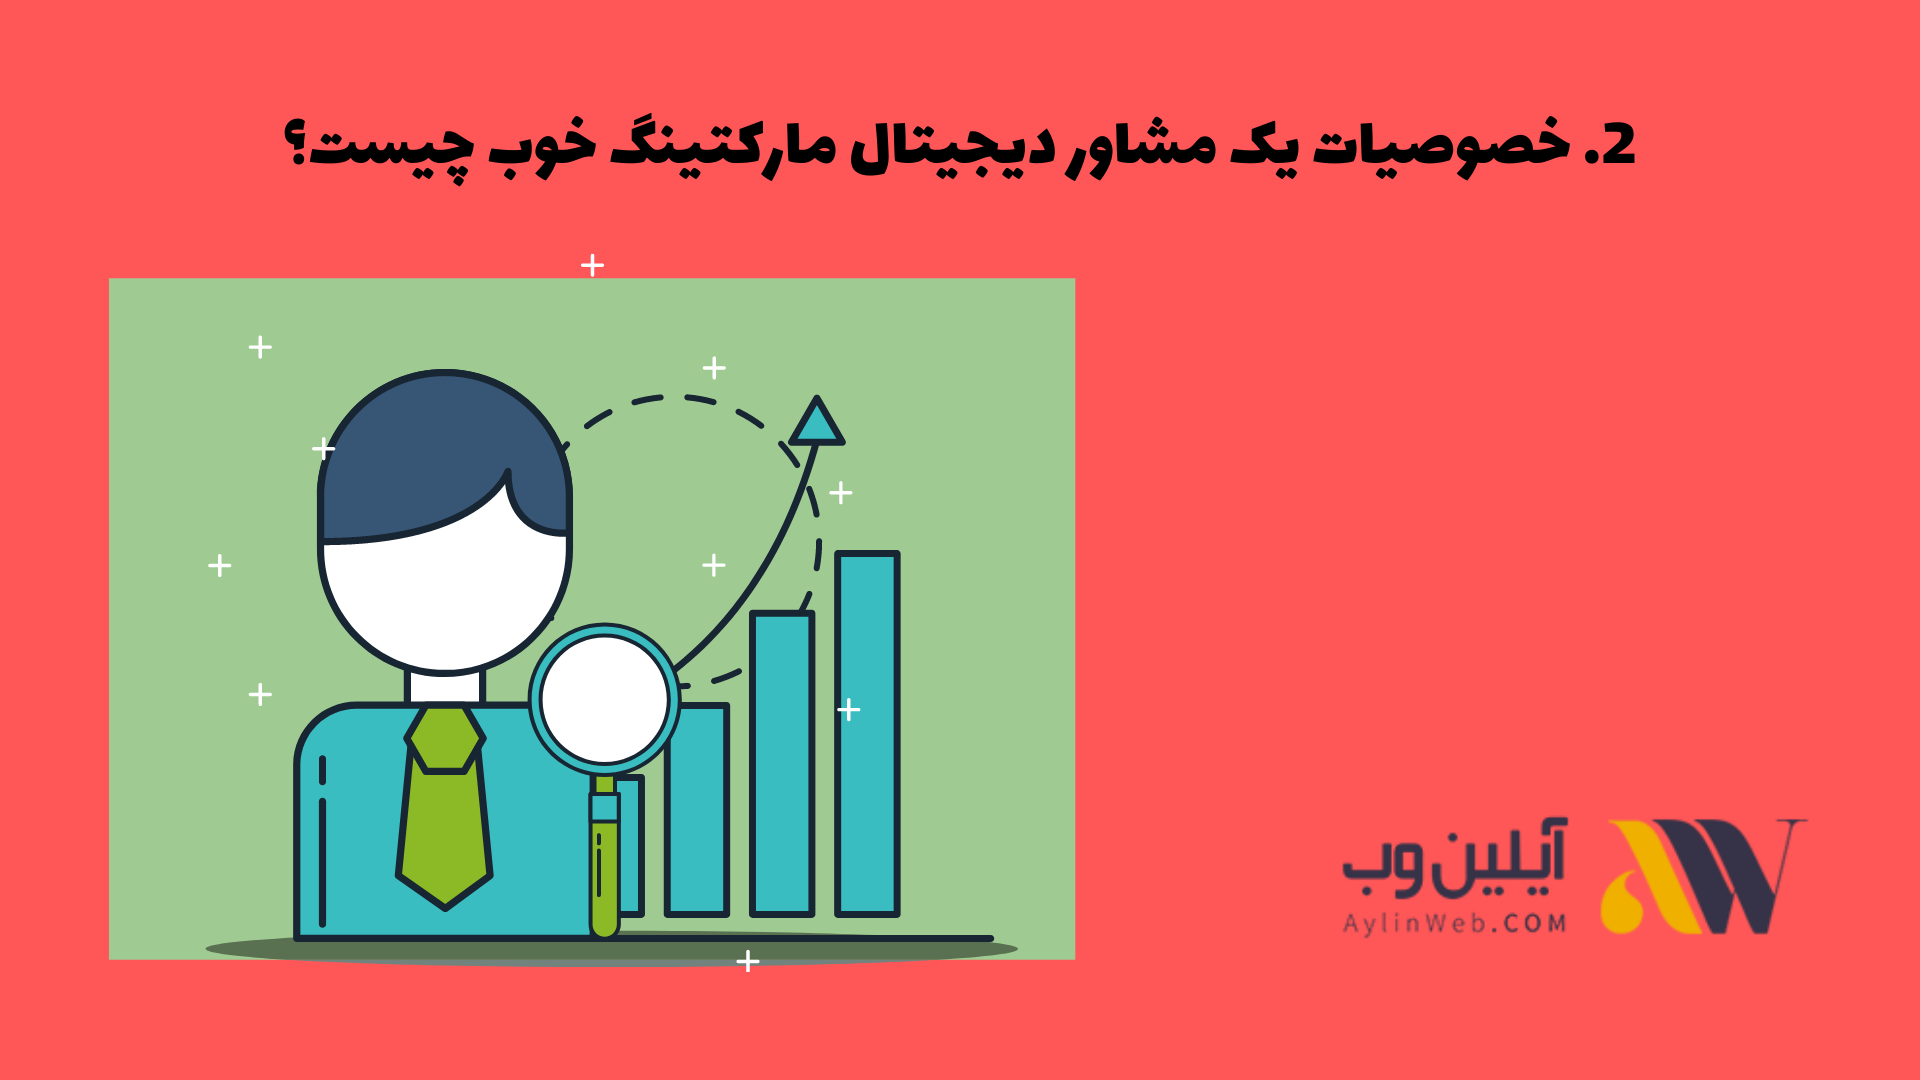 خصوصیات یک مشاور دیجیتال مارکتینگ خوب چیست؟